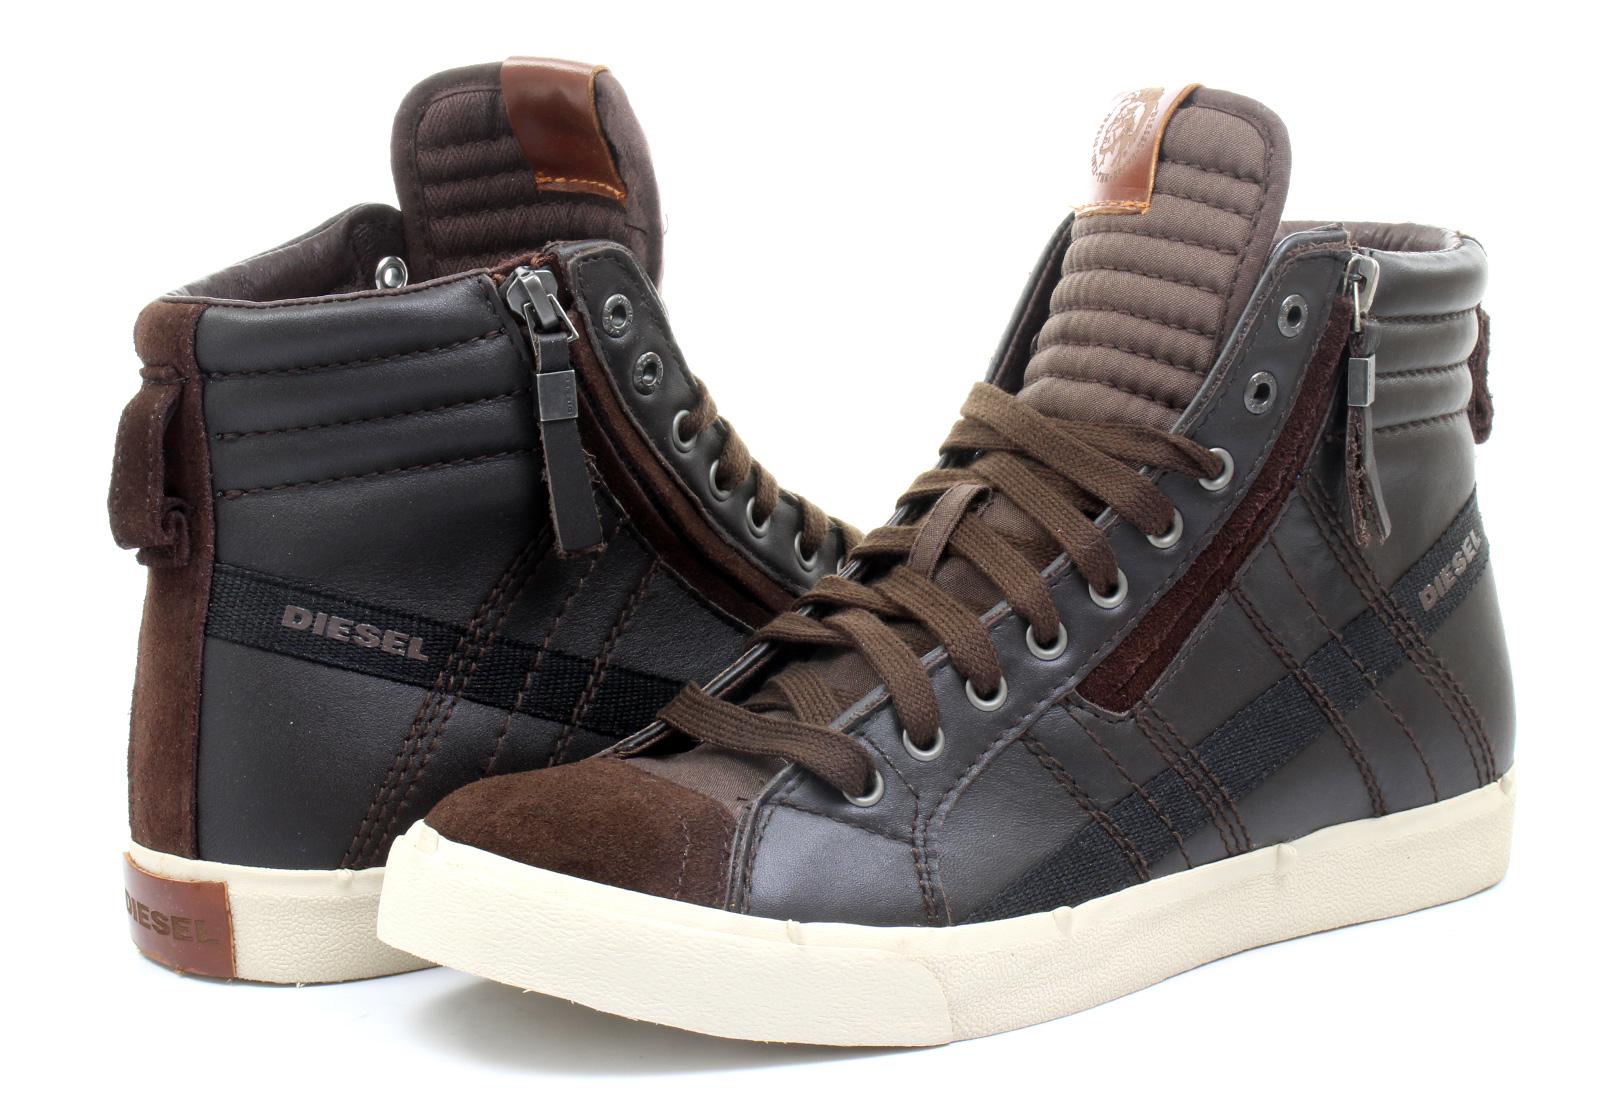 Diesel Shoes - D-string - 781-131-2186 - Online shop for ...